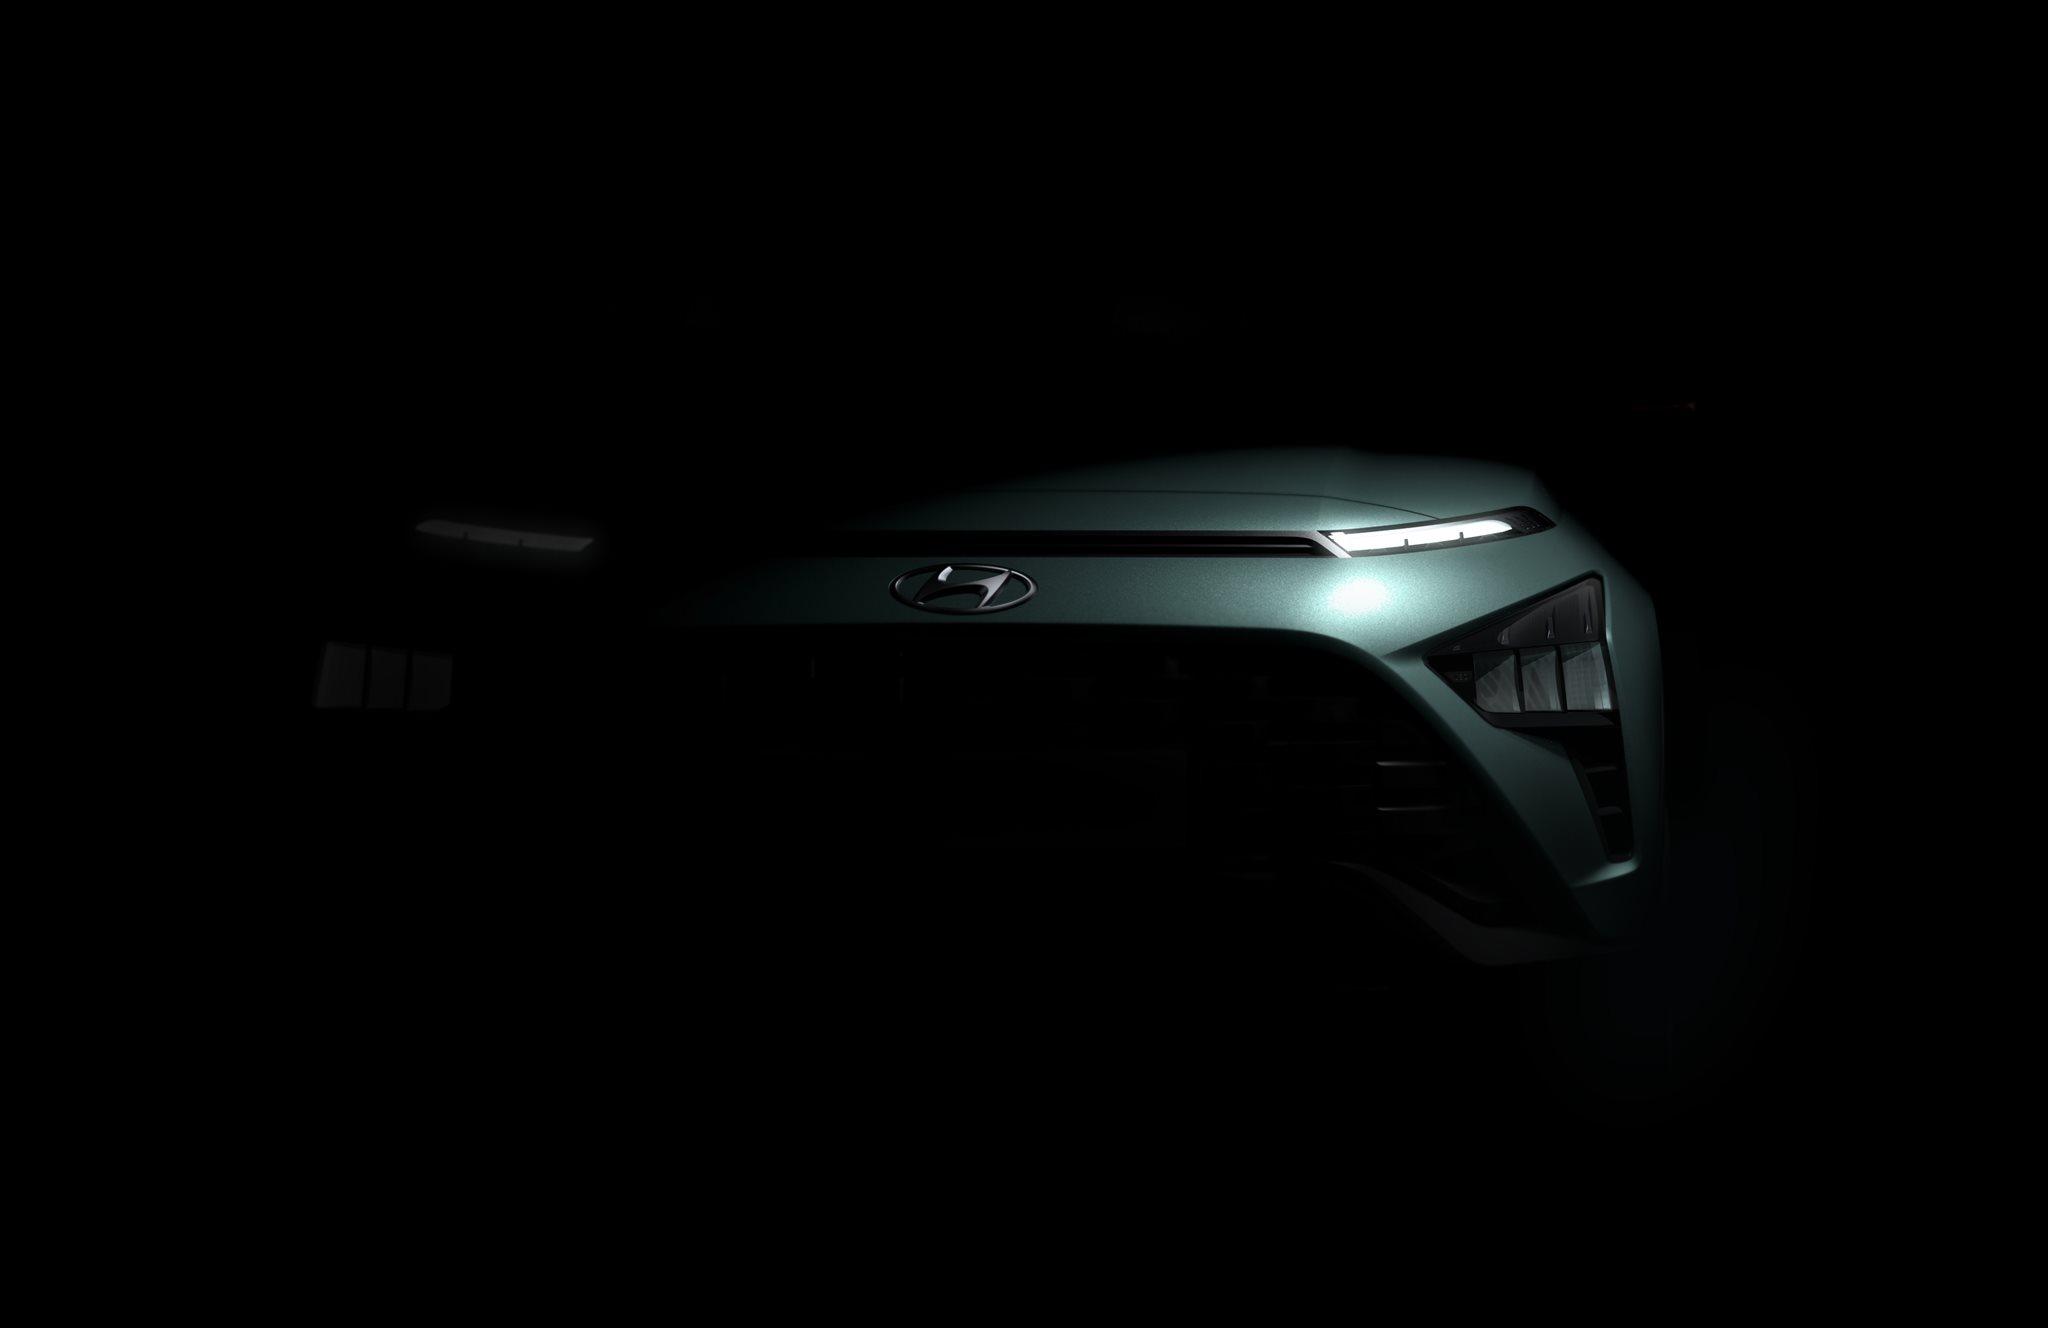 Hyundai poodhaľuje dizajn svojho úplne nového crossoveru Bayon